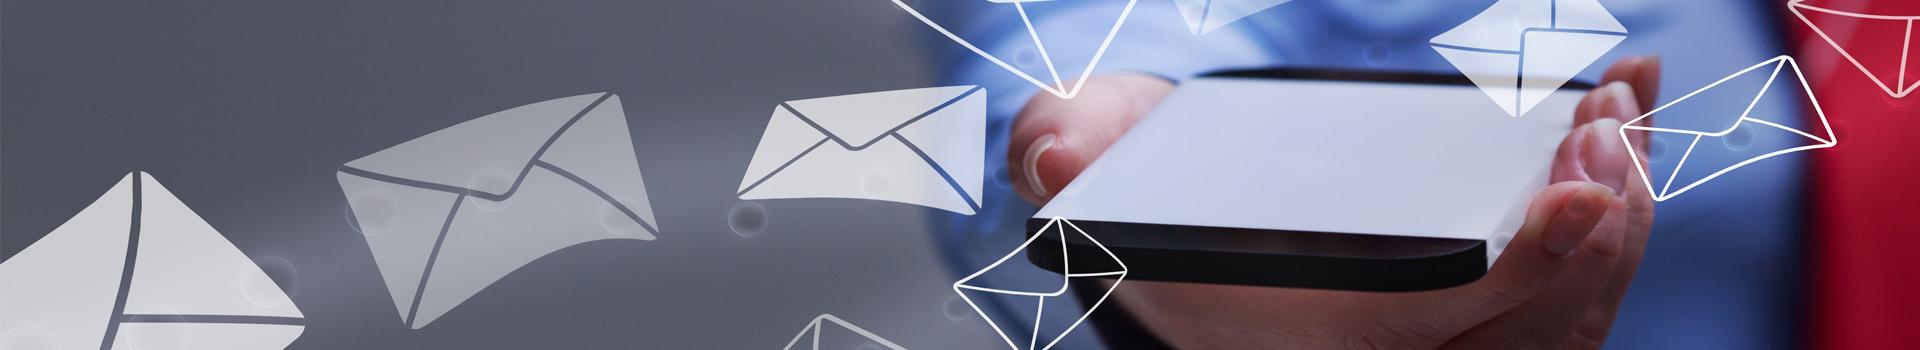 sms-sending1